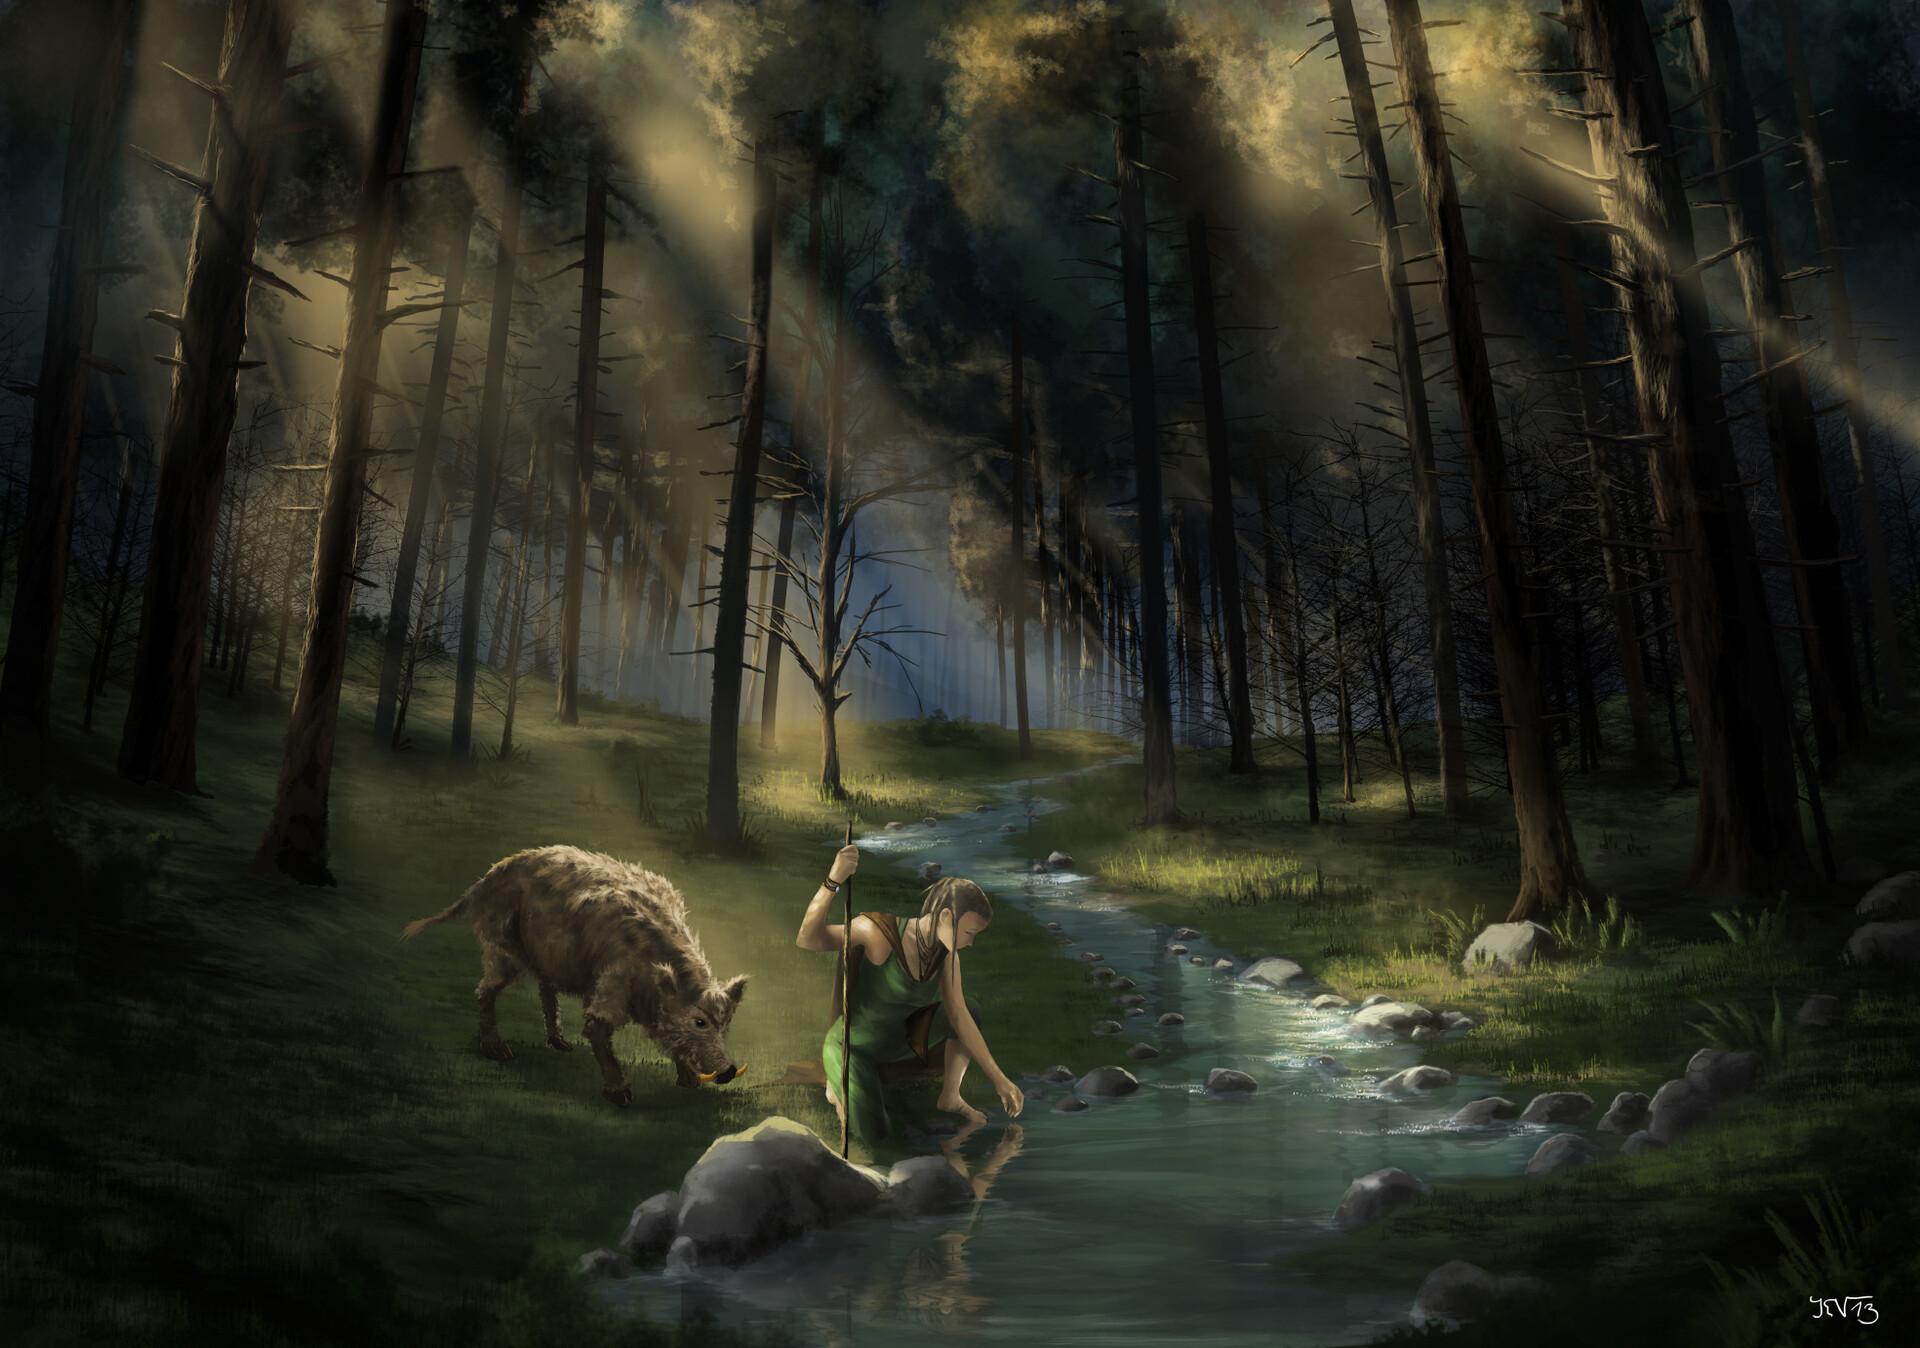 Konstantin vohwinkel 4 22 into the woods